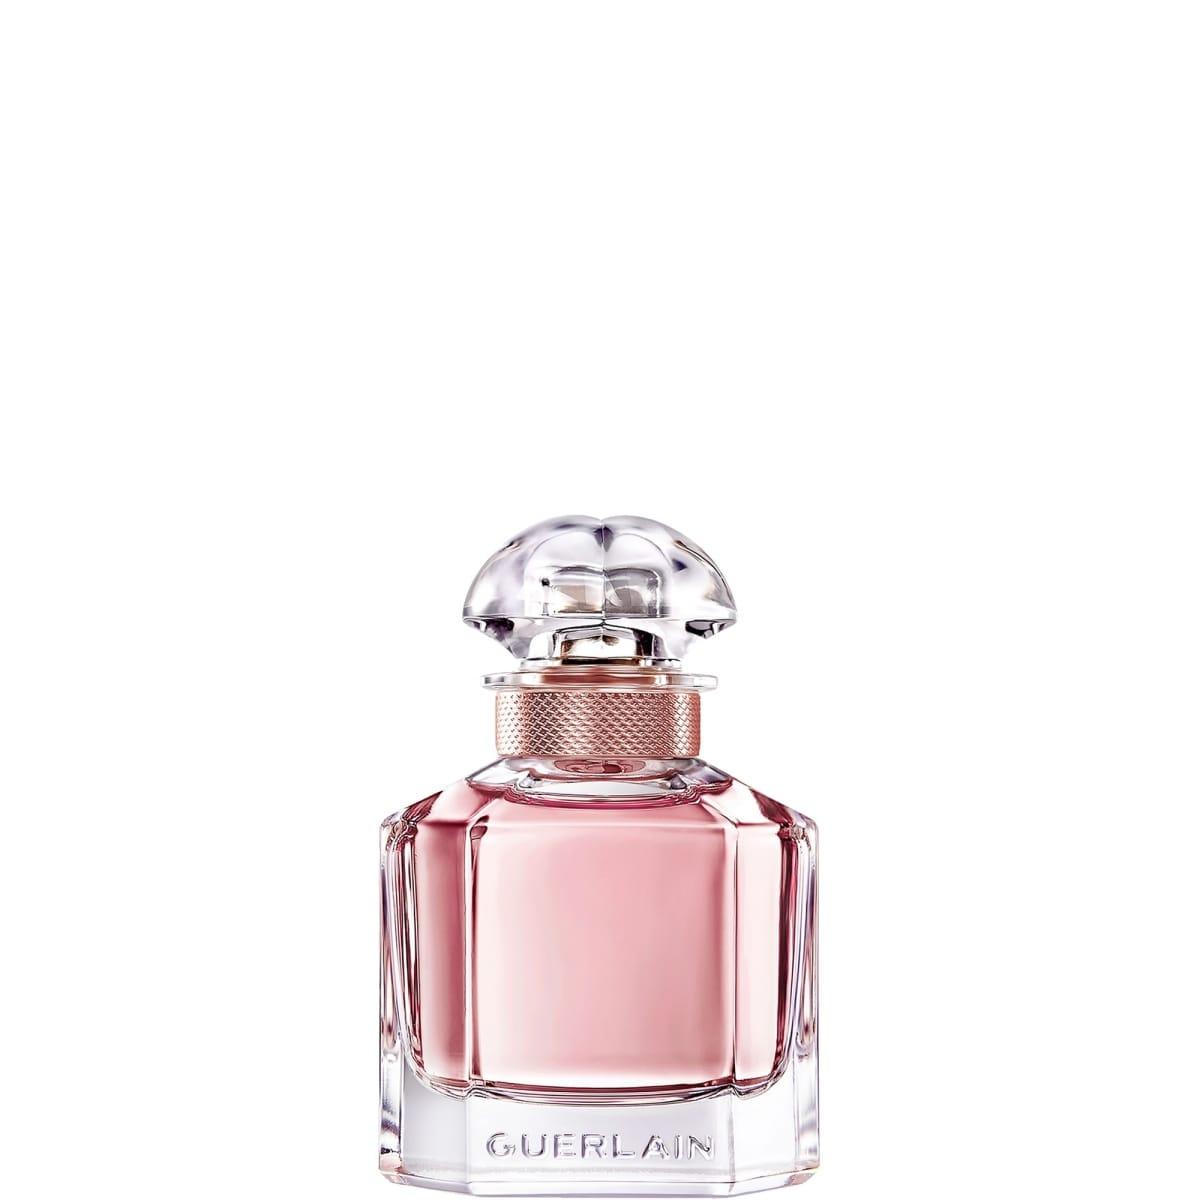 La Nouvelle Eau De Parfum Florale Boneandvascularresearch Guerlain Petite Robe Noire Toilette Spray 100ml 33oz Mon